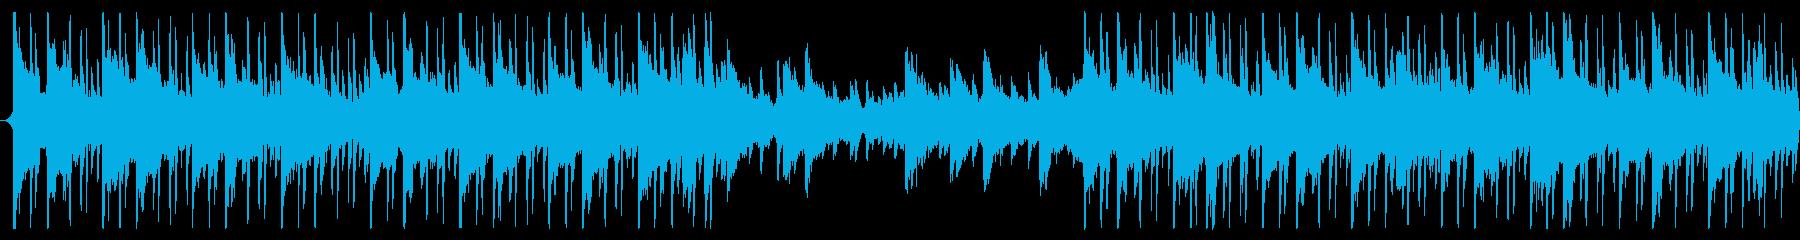 60秒企業BGMなどに明るくシンプルな曲の再生済みの波形